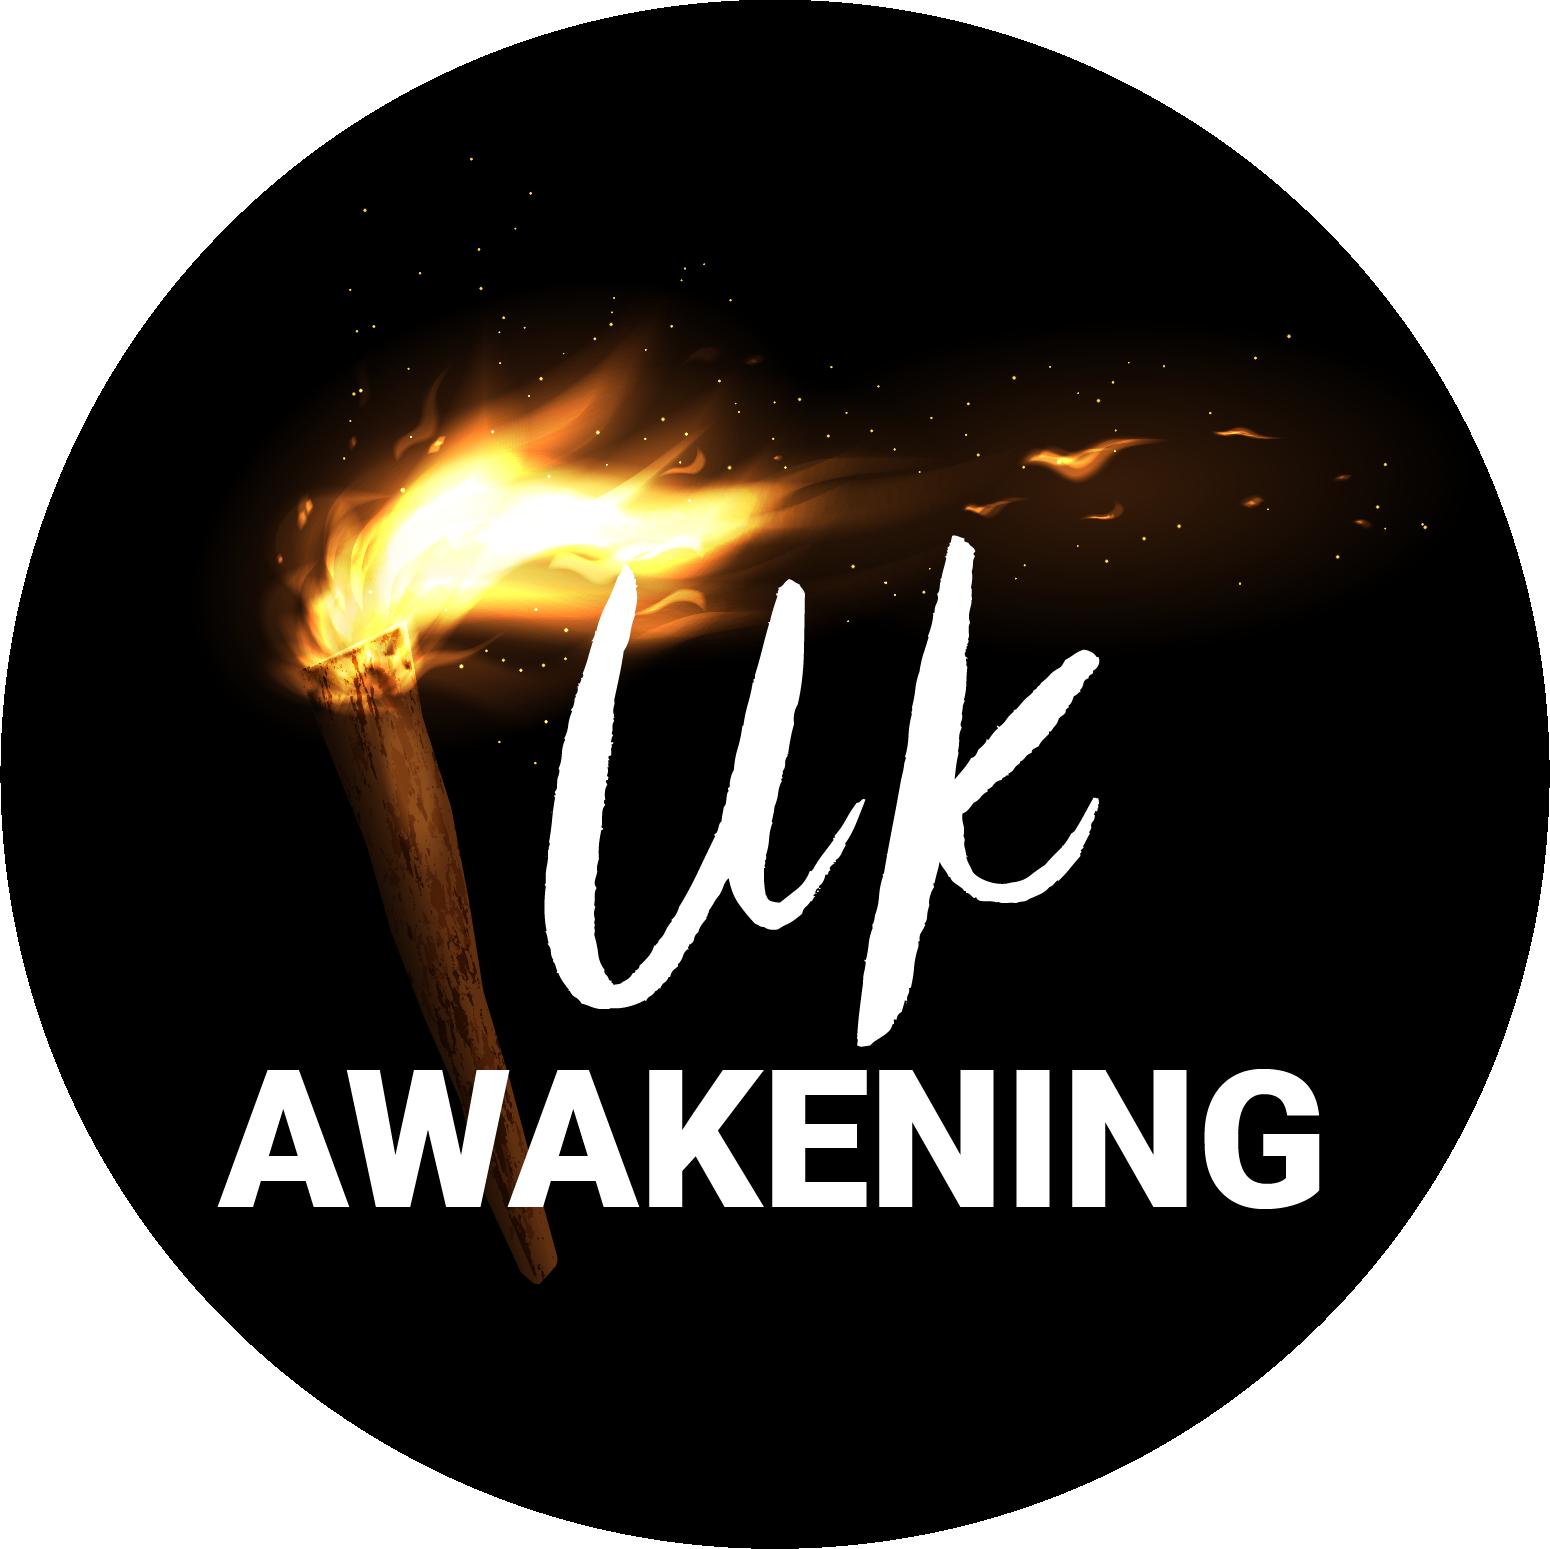 UK Awakening